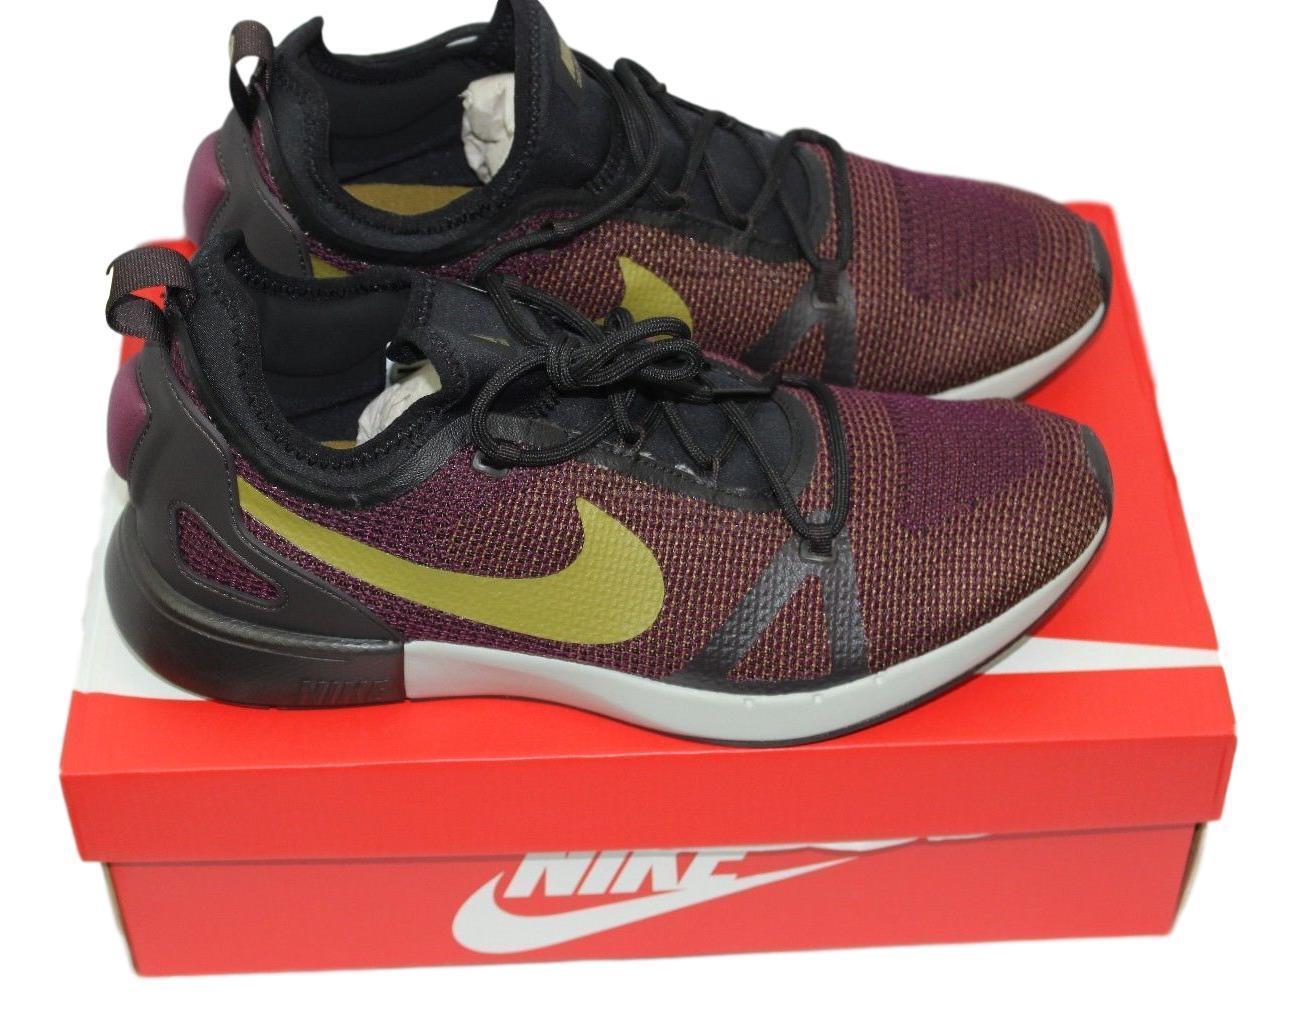 Nike Duel Racer Bordeaux Desert Moss Roshe Huarache Presto Size 10.5 918228 601